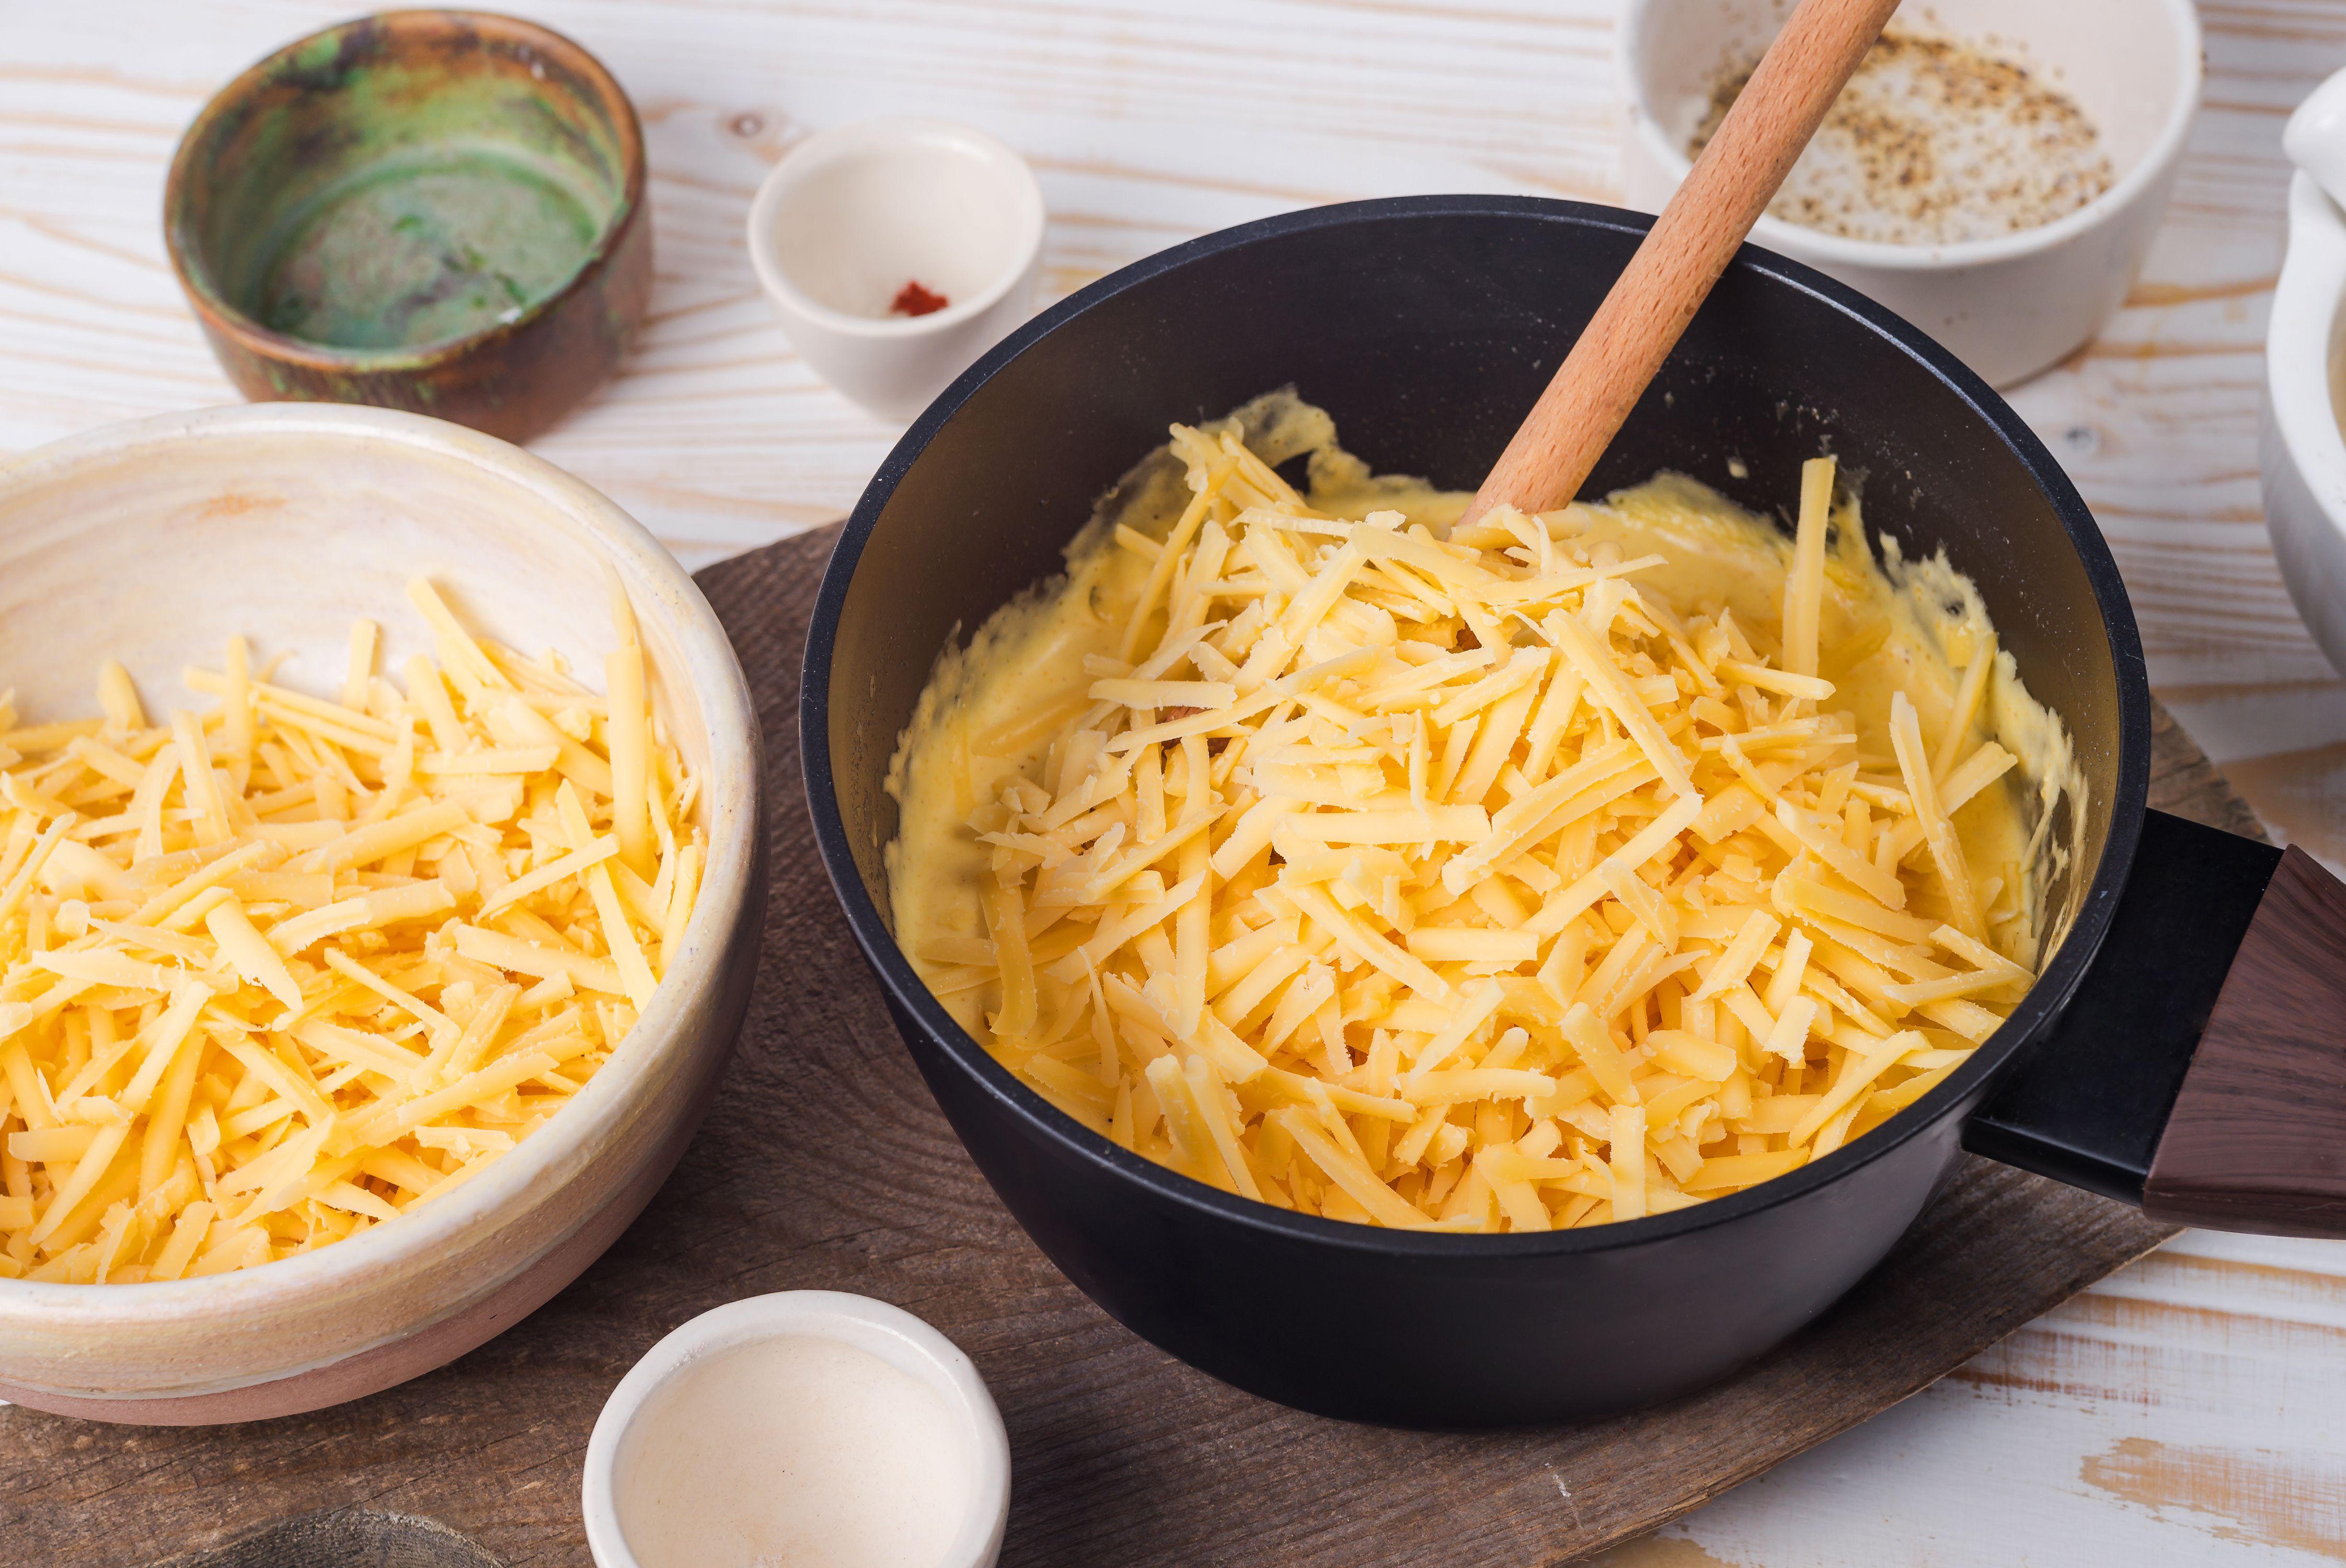 Stir in shredded cheese